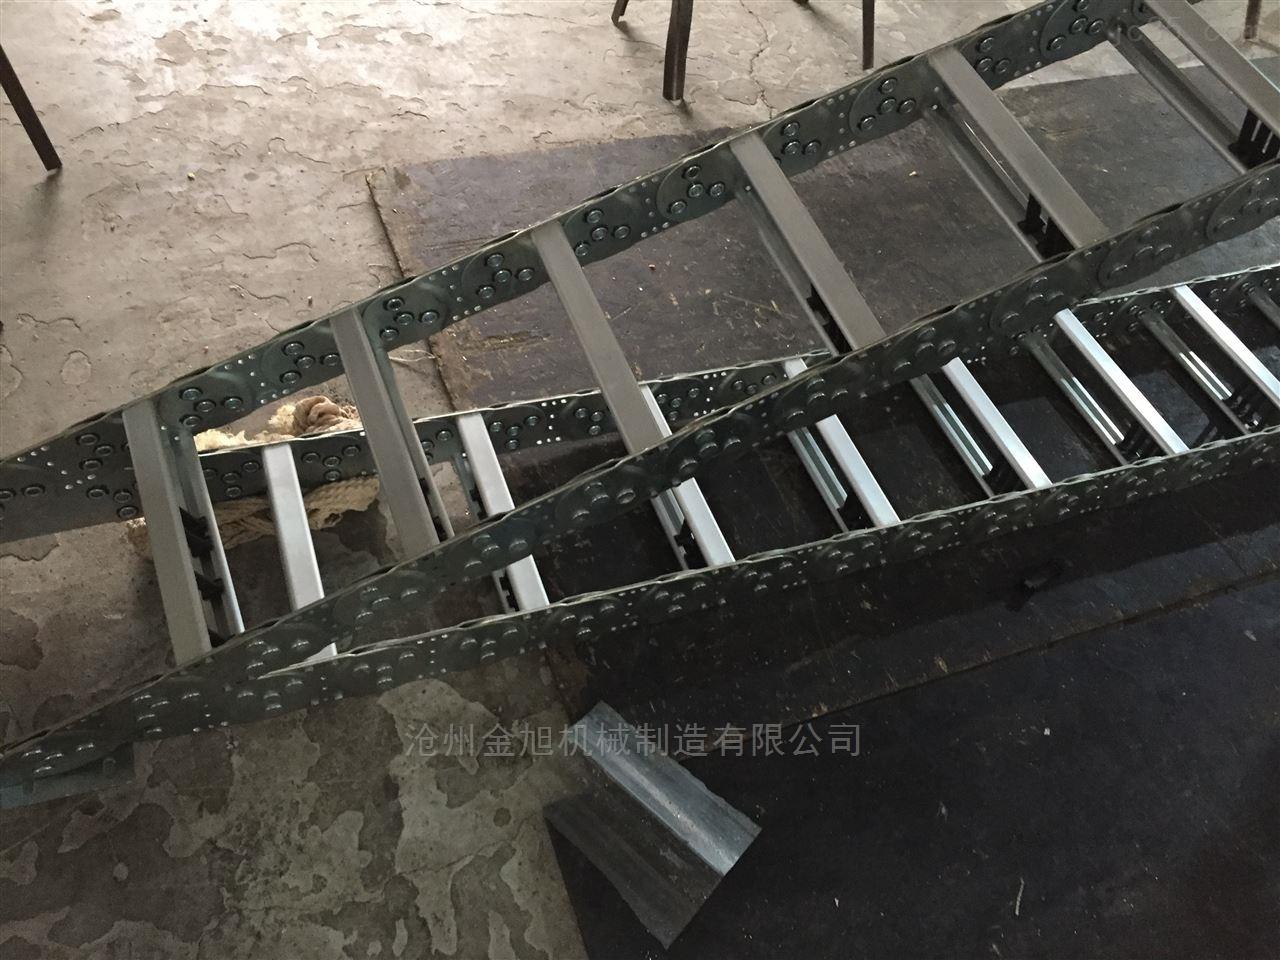 宝钢德盛公司钢制拖链